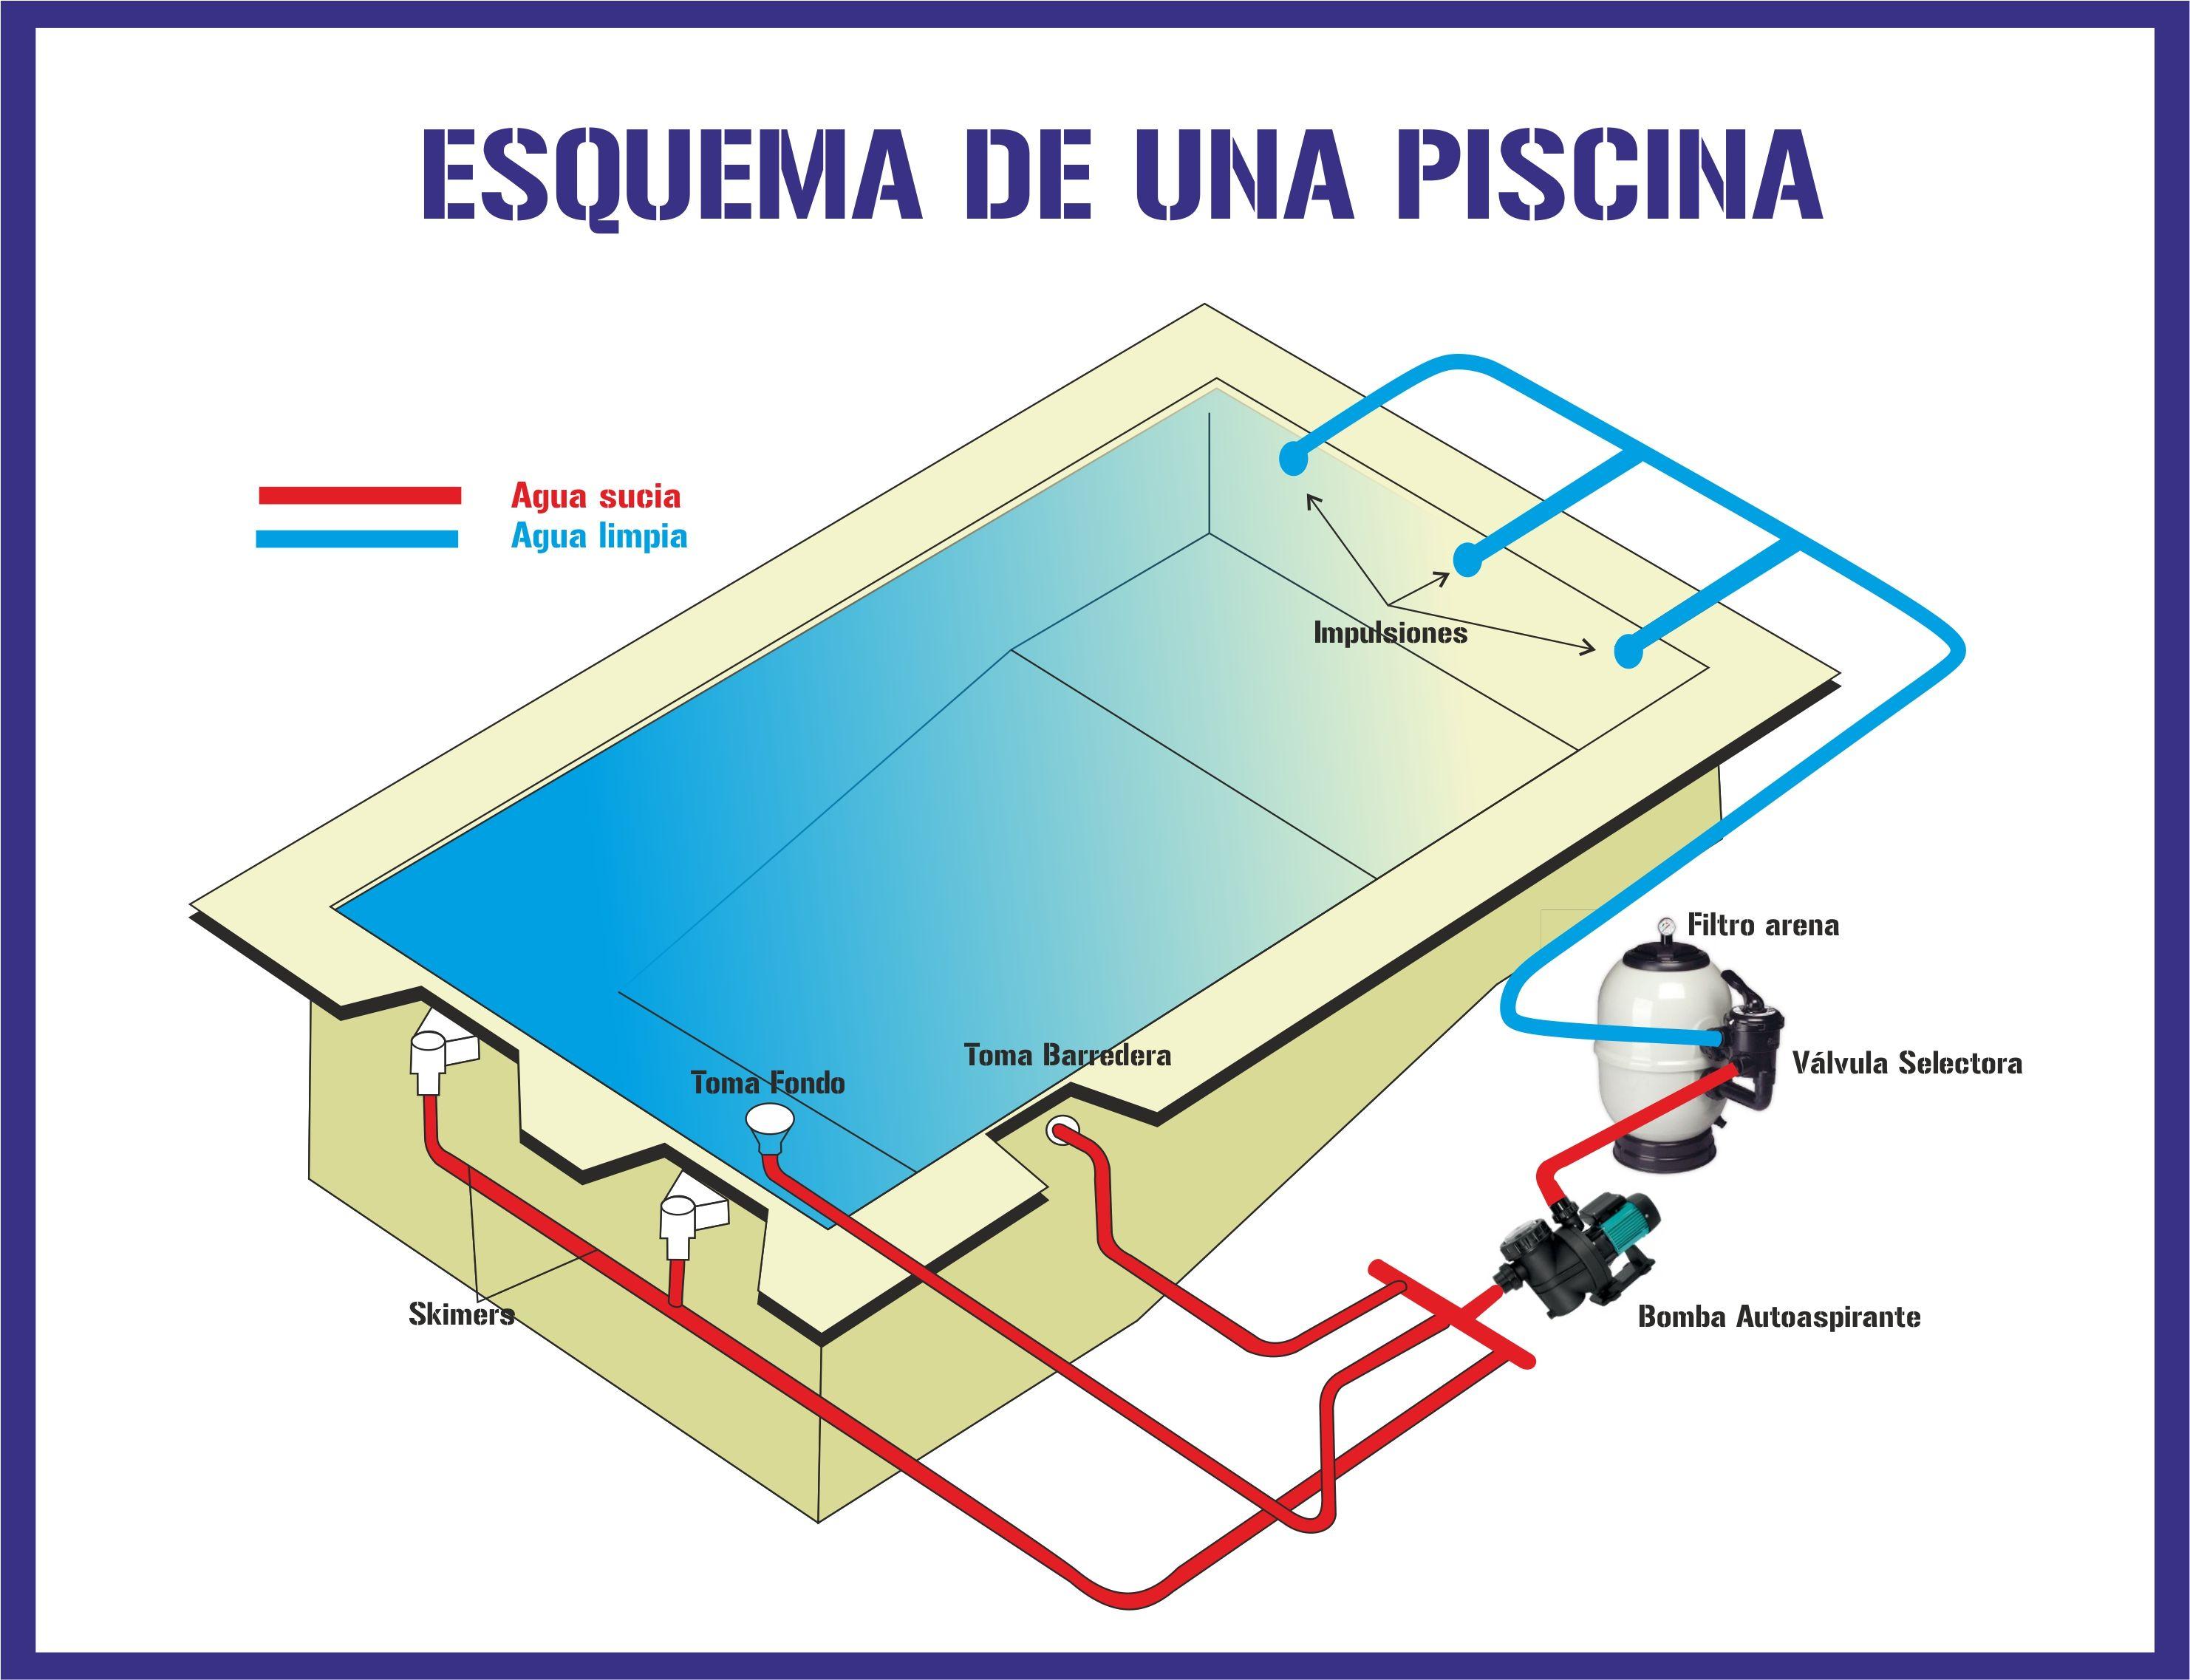 Piscinas master clean servicios integrales - Esquema funcionamiento depuradora piscina ...